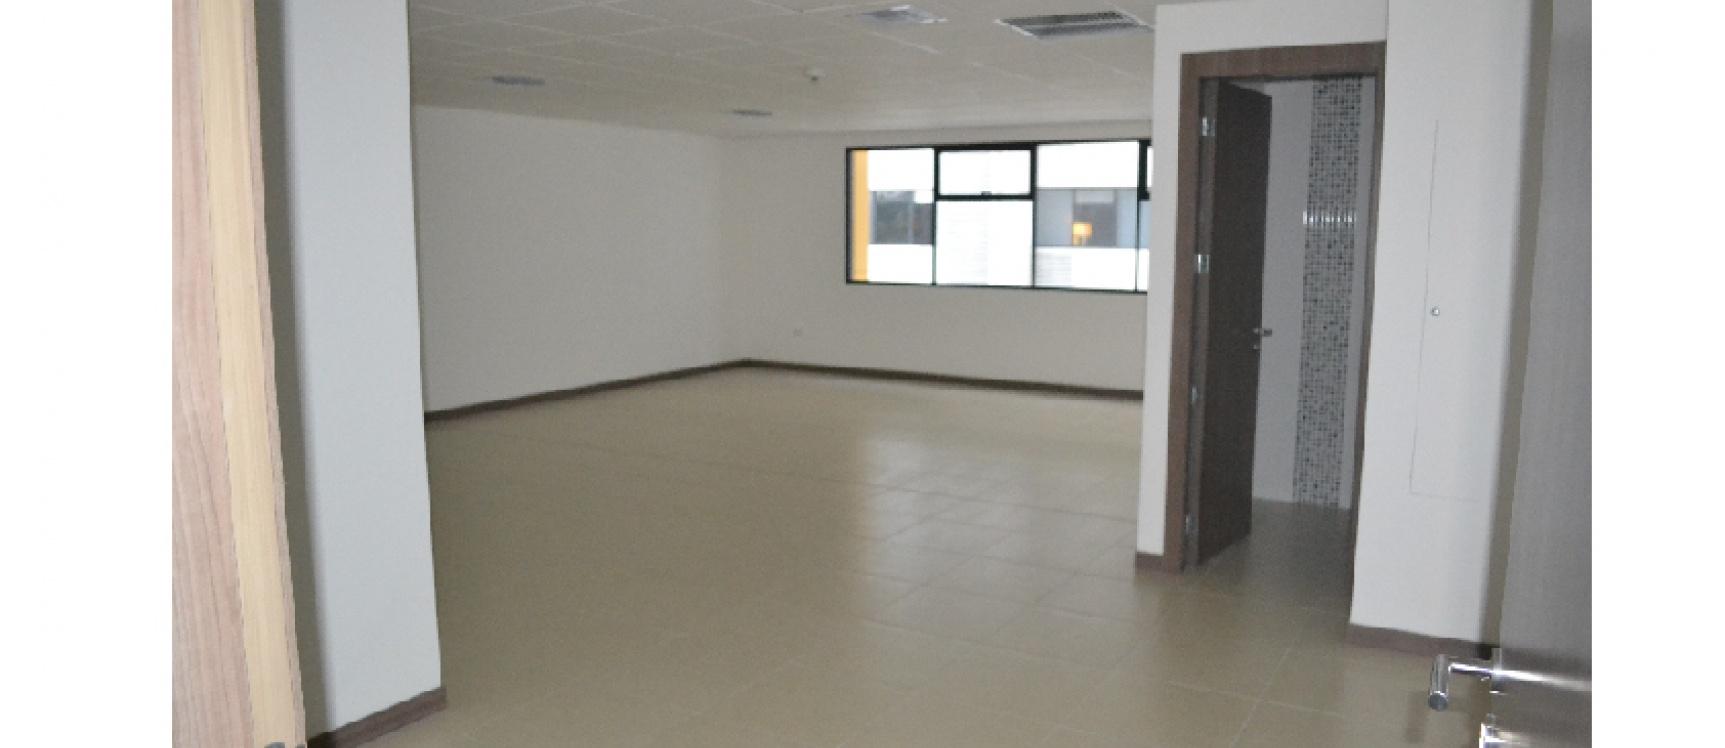 GeoBienes - Alquiler de oficina en Ciudad del Rio, Emporium Guayaquil - Plusvalia Guayaquil Casas de venta y alquiler Inmobiliaria Ecuador